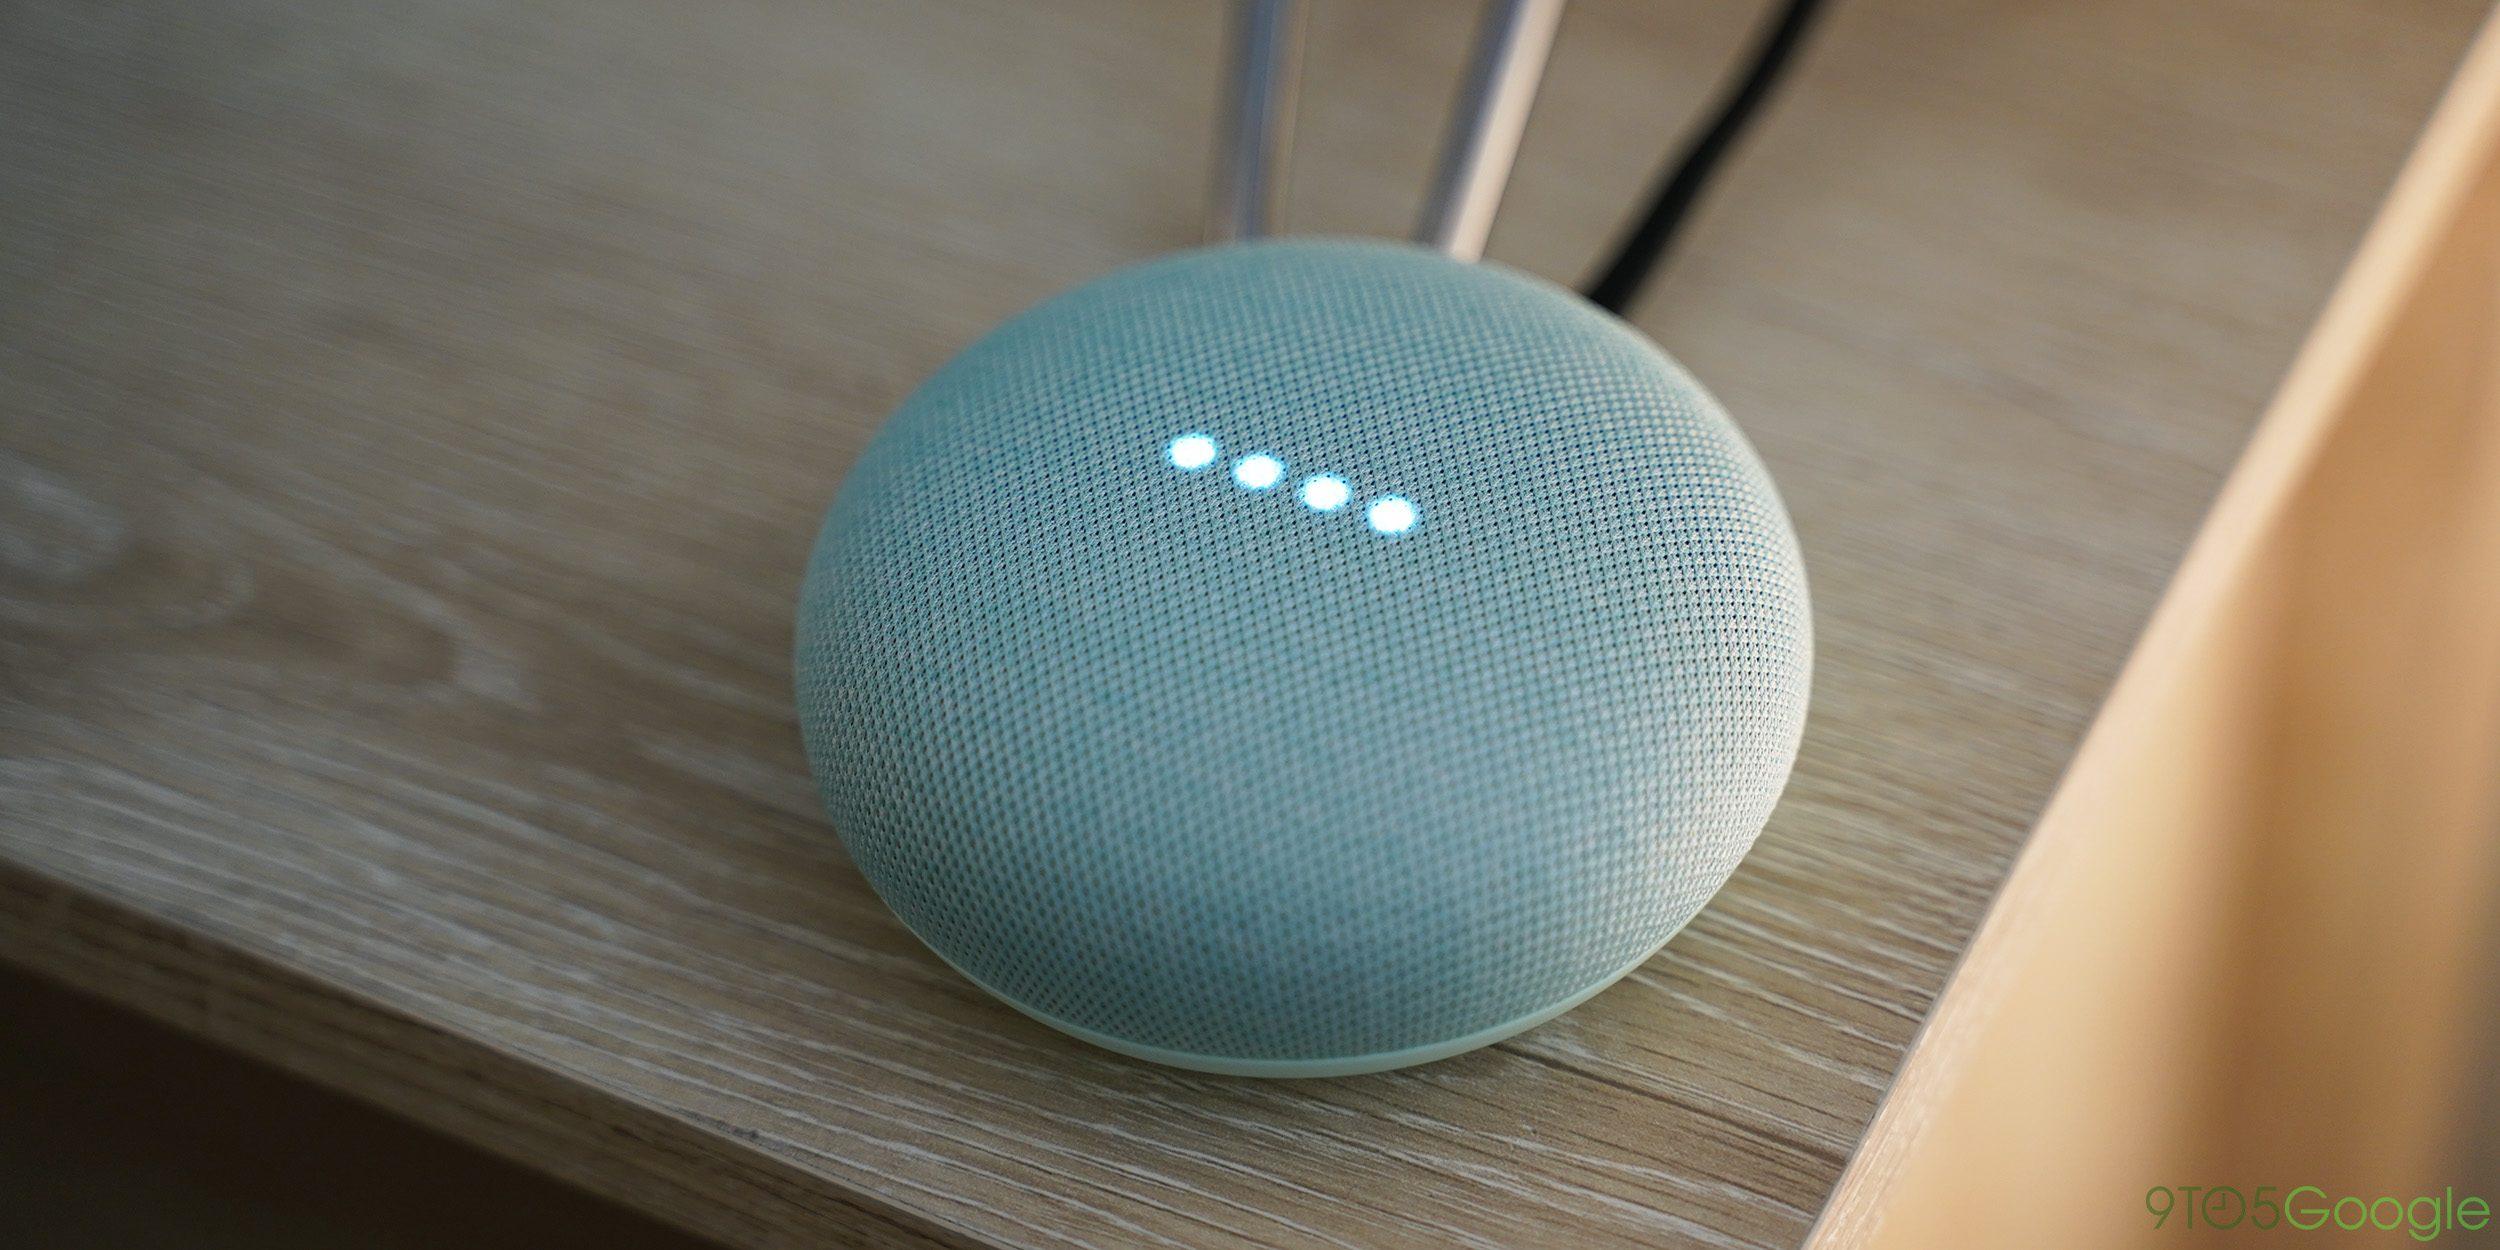 Nagy IQ teszt: Siri, Alexa és Google Assistant, melyik a legokosabb?